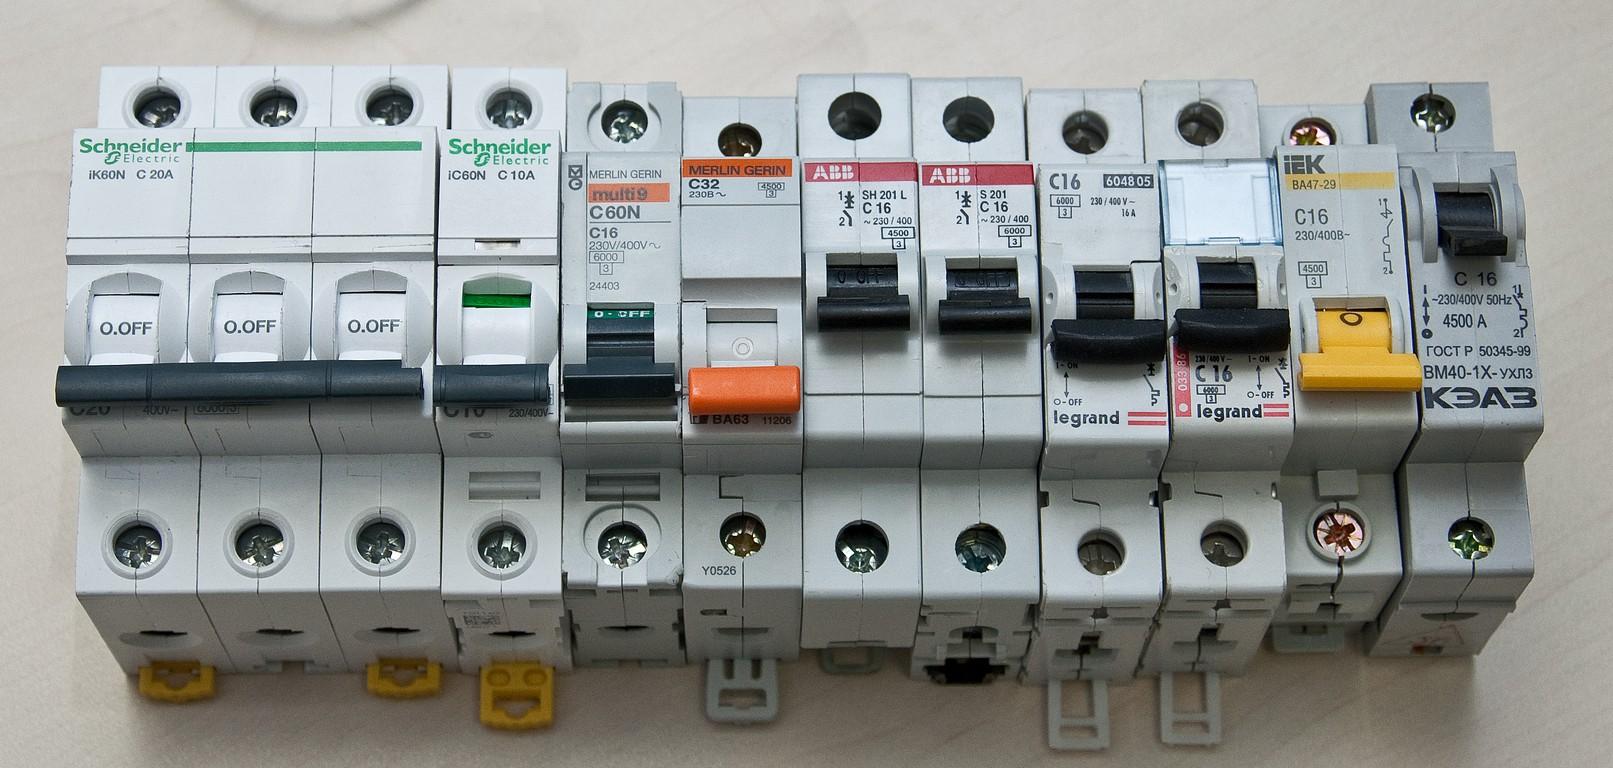 Schneider_Electric_Acti9_DSC_4684